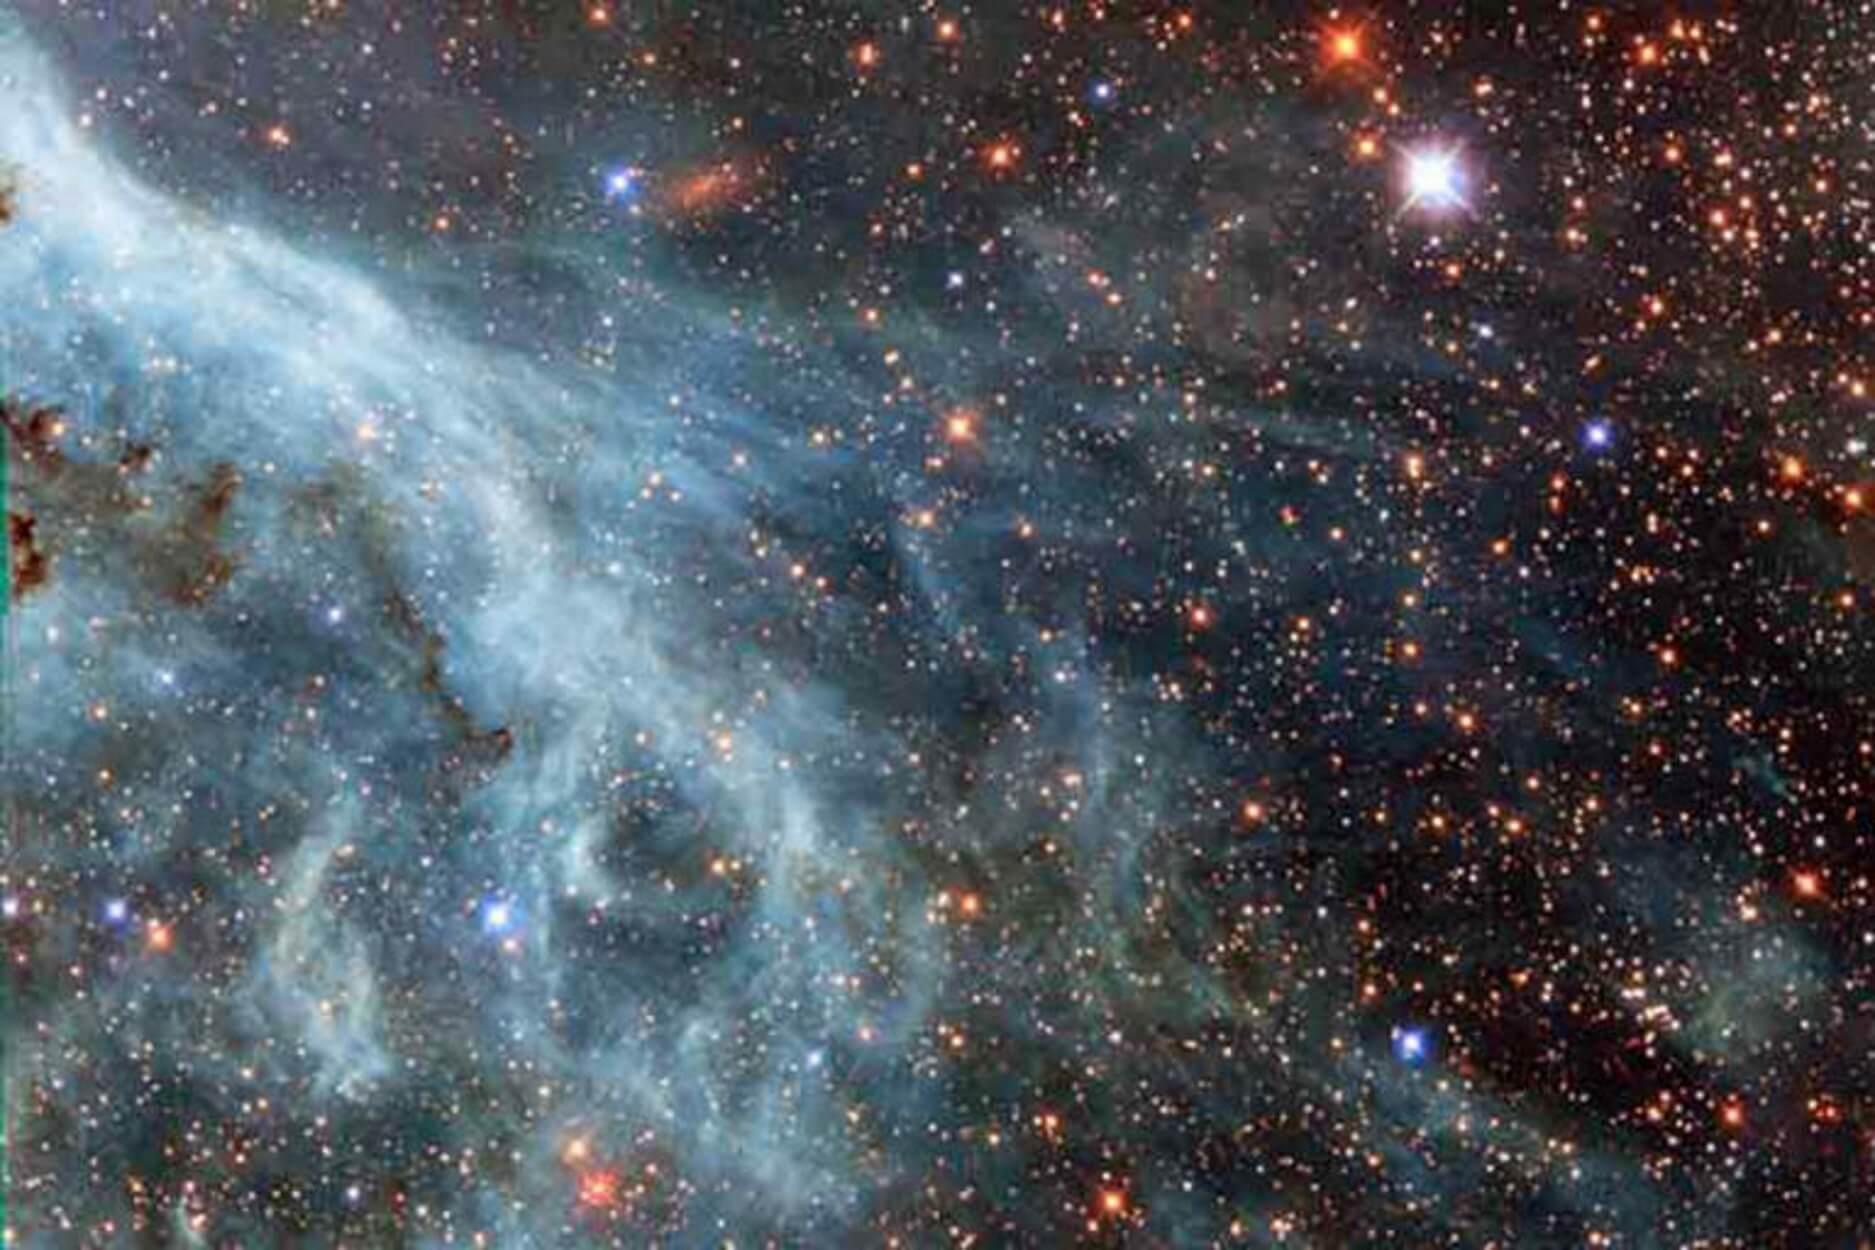 """Έλληνες επιστήμονες έβαλαν τα """"γυαλιά"""" στη NASA - Έκαναν την πρώτη """"τομογραφία"""" του μαγνητικού πεδίου του γαλαξία μας!"""